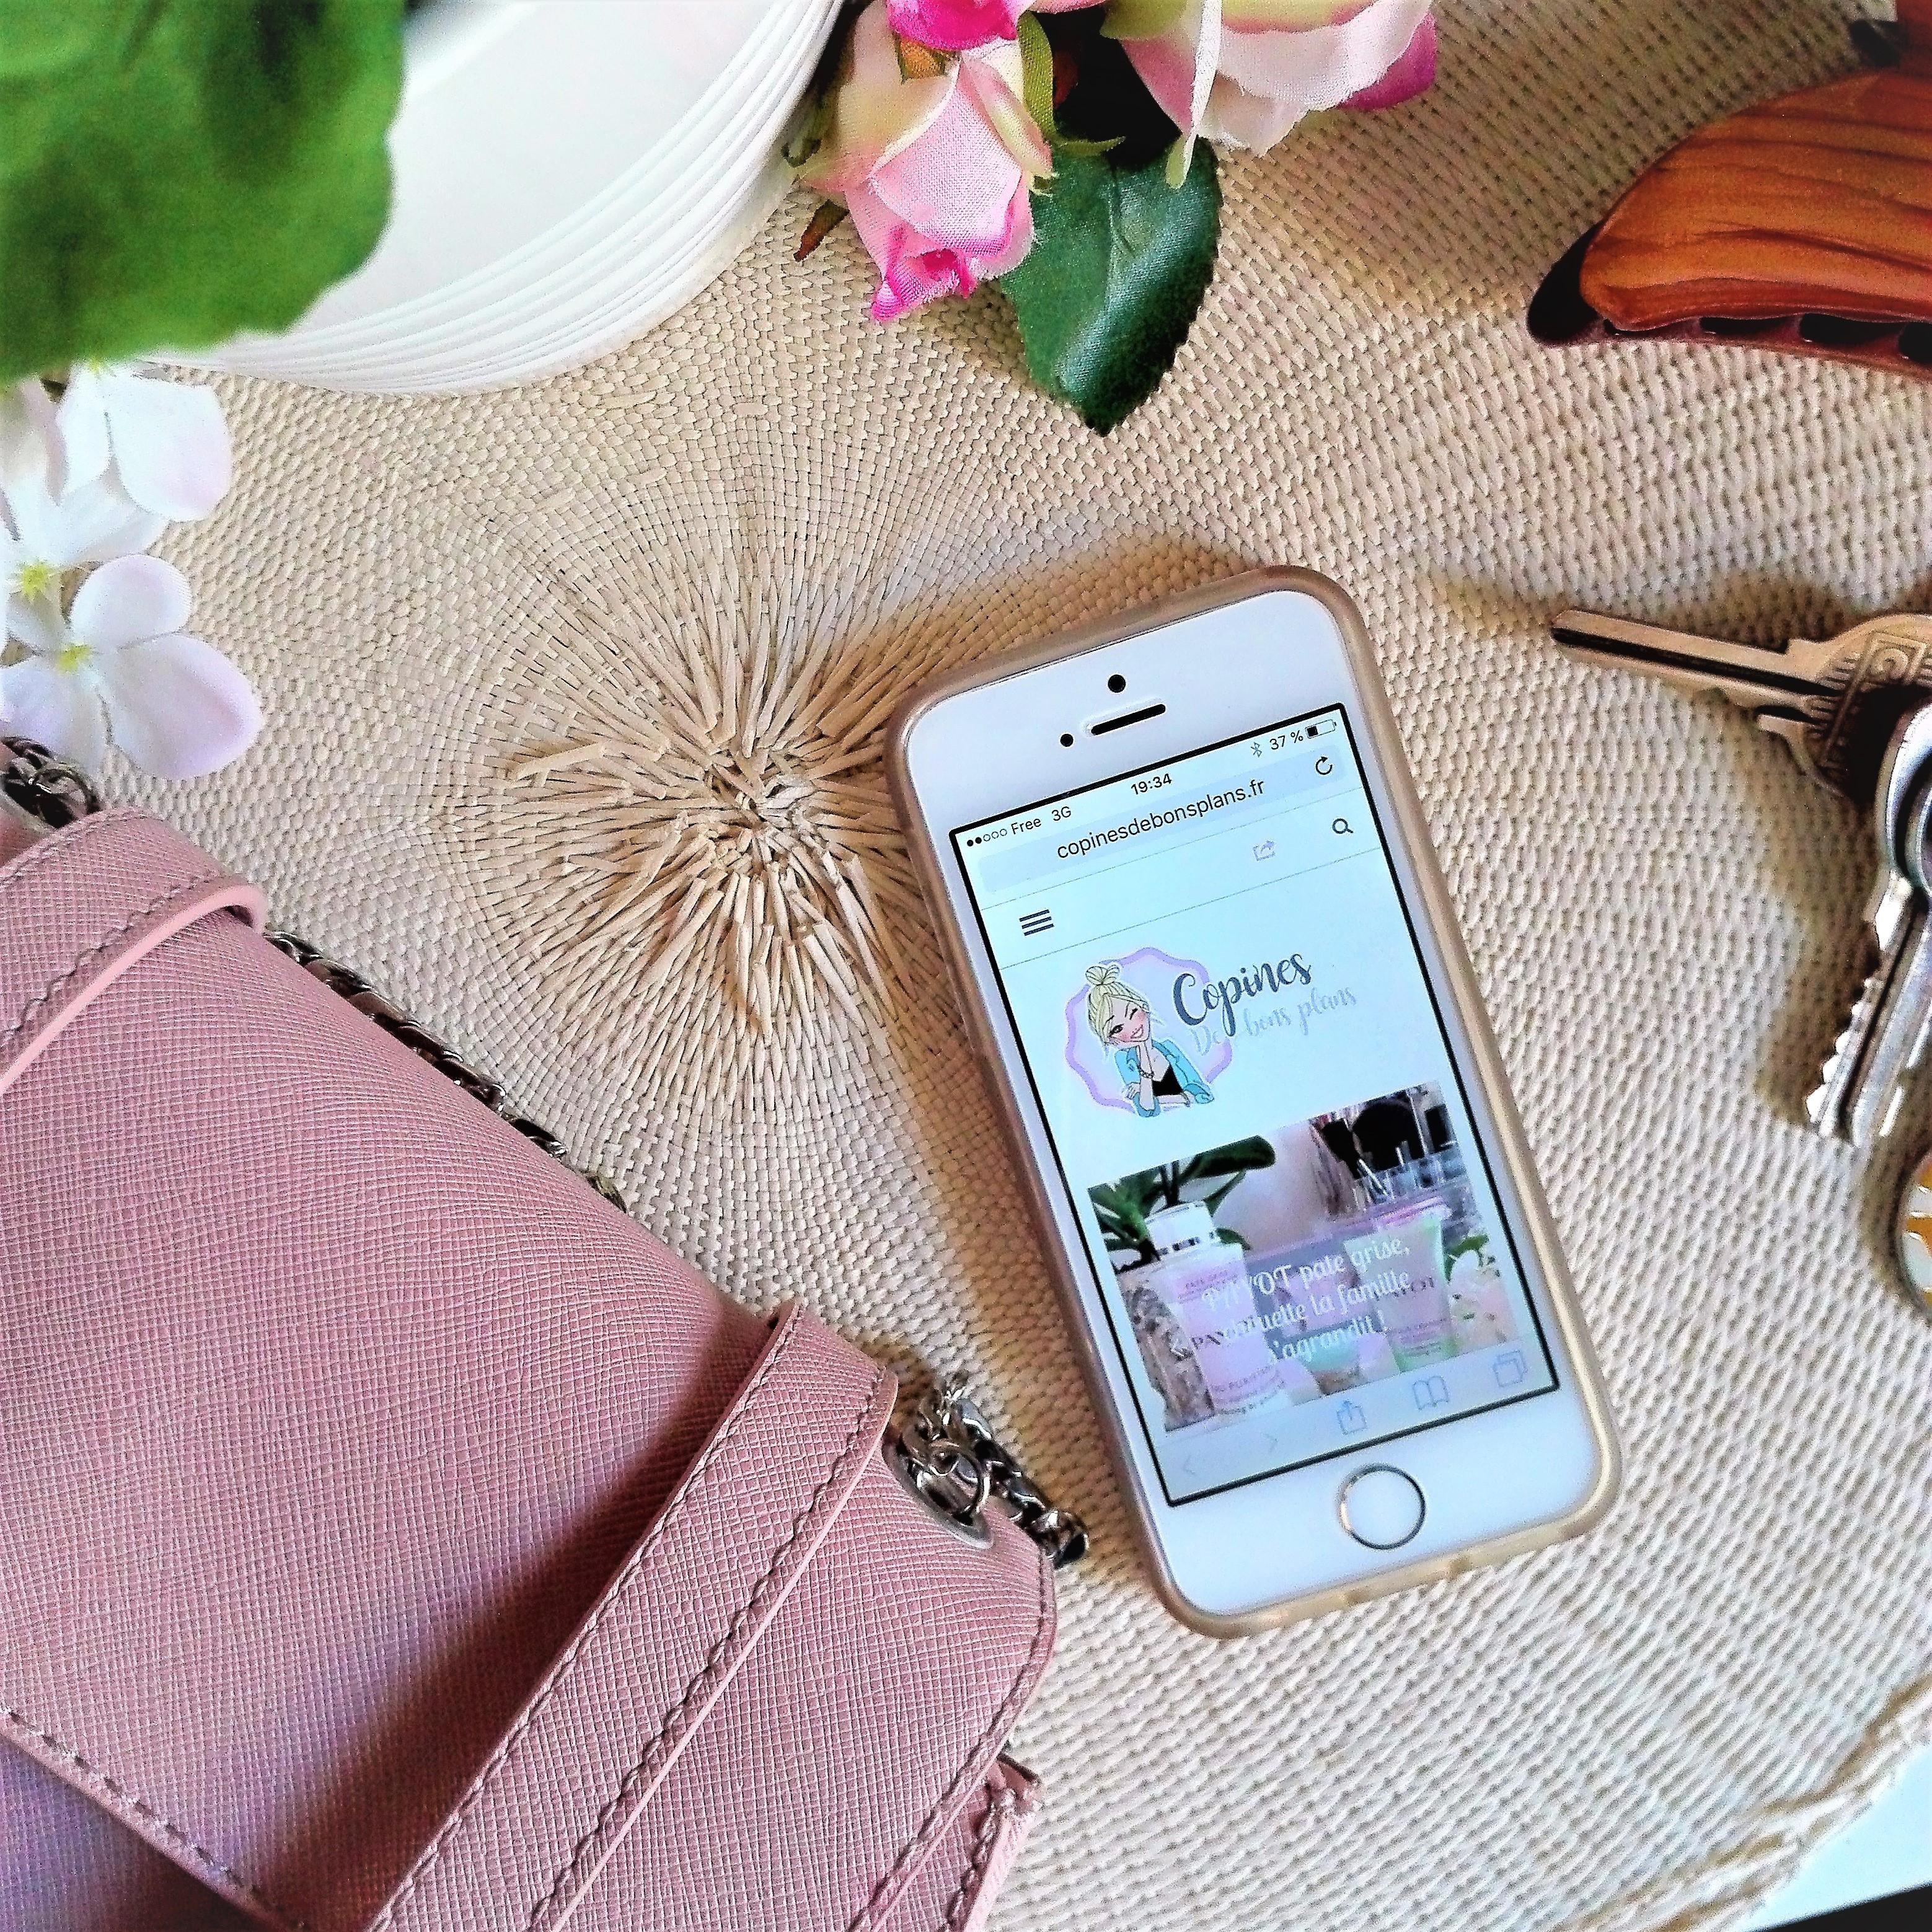 Acheter ou louer son portable 3 questions pour bien for Acheter des plans